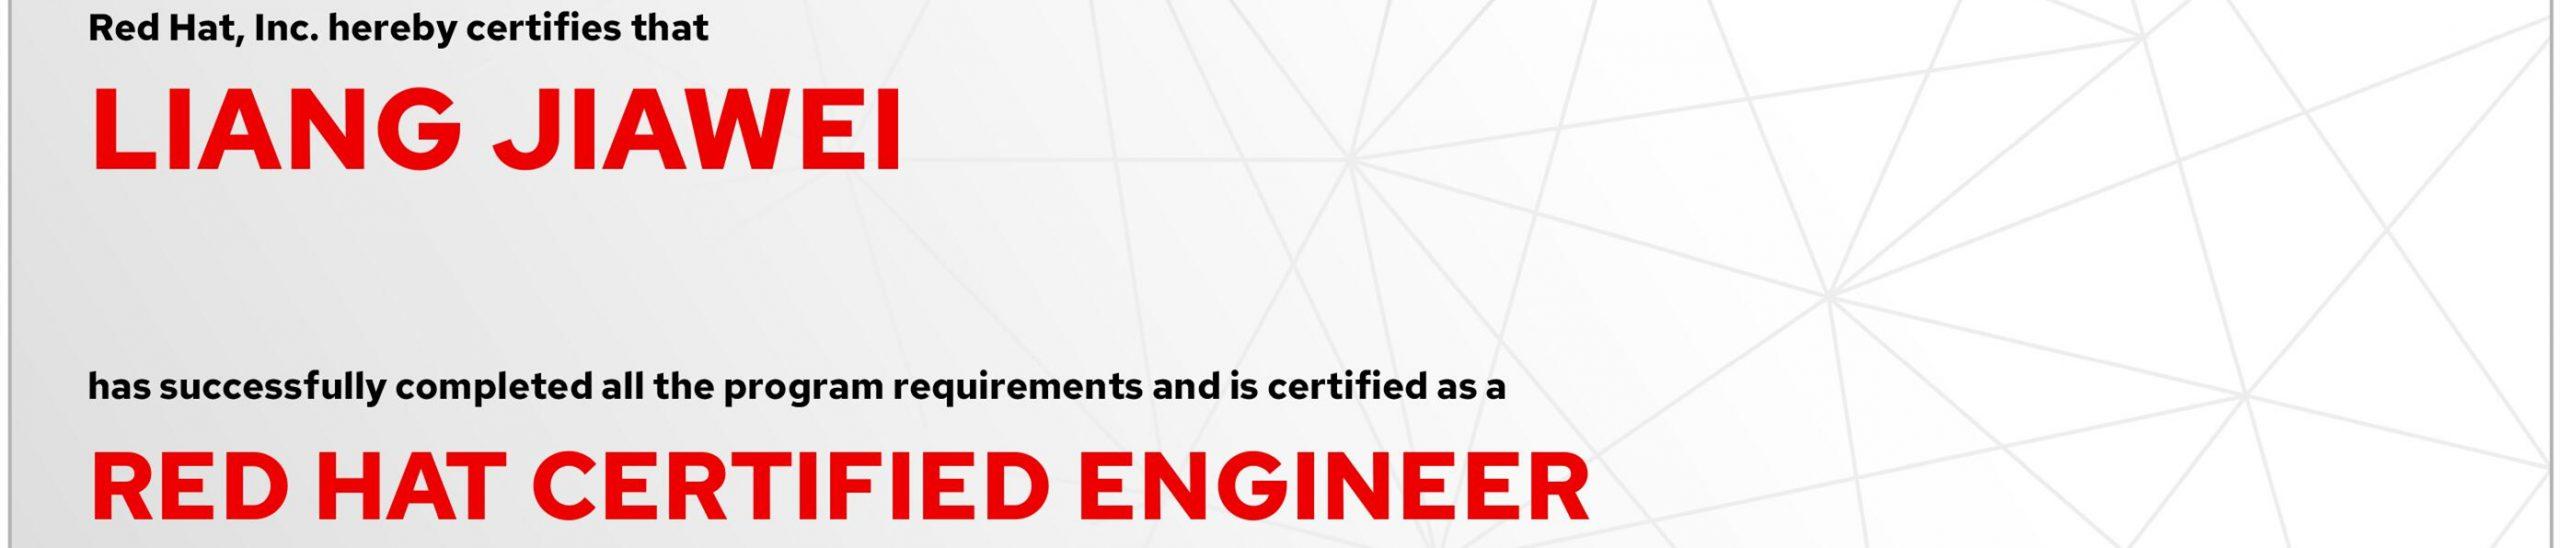 捷讯:梁家伟7月28日北京顺利通过RHCE认证。